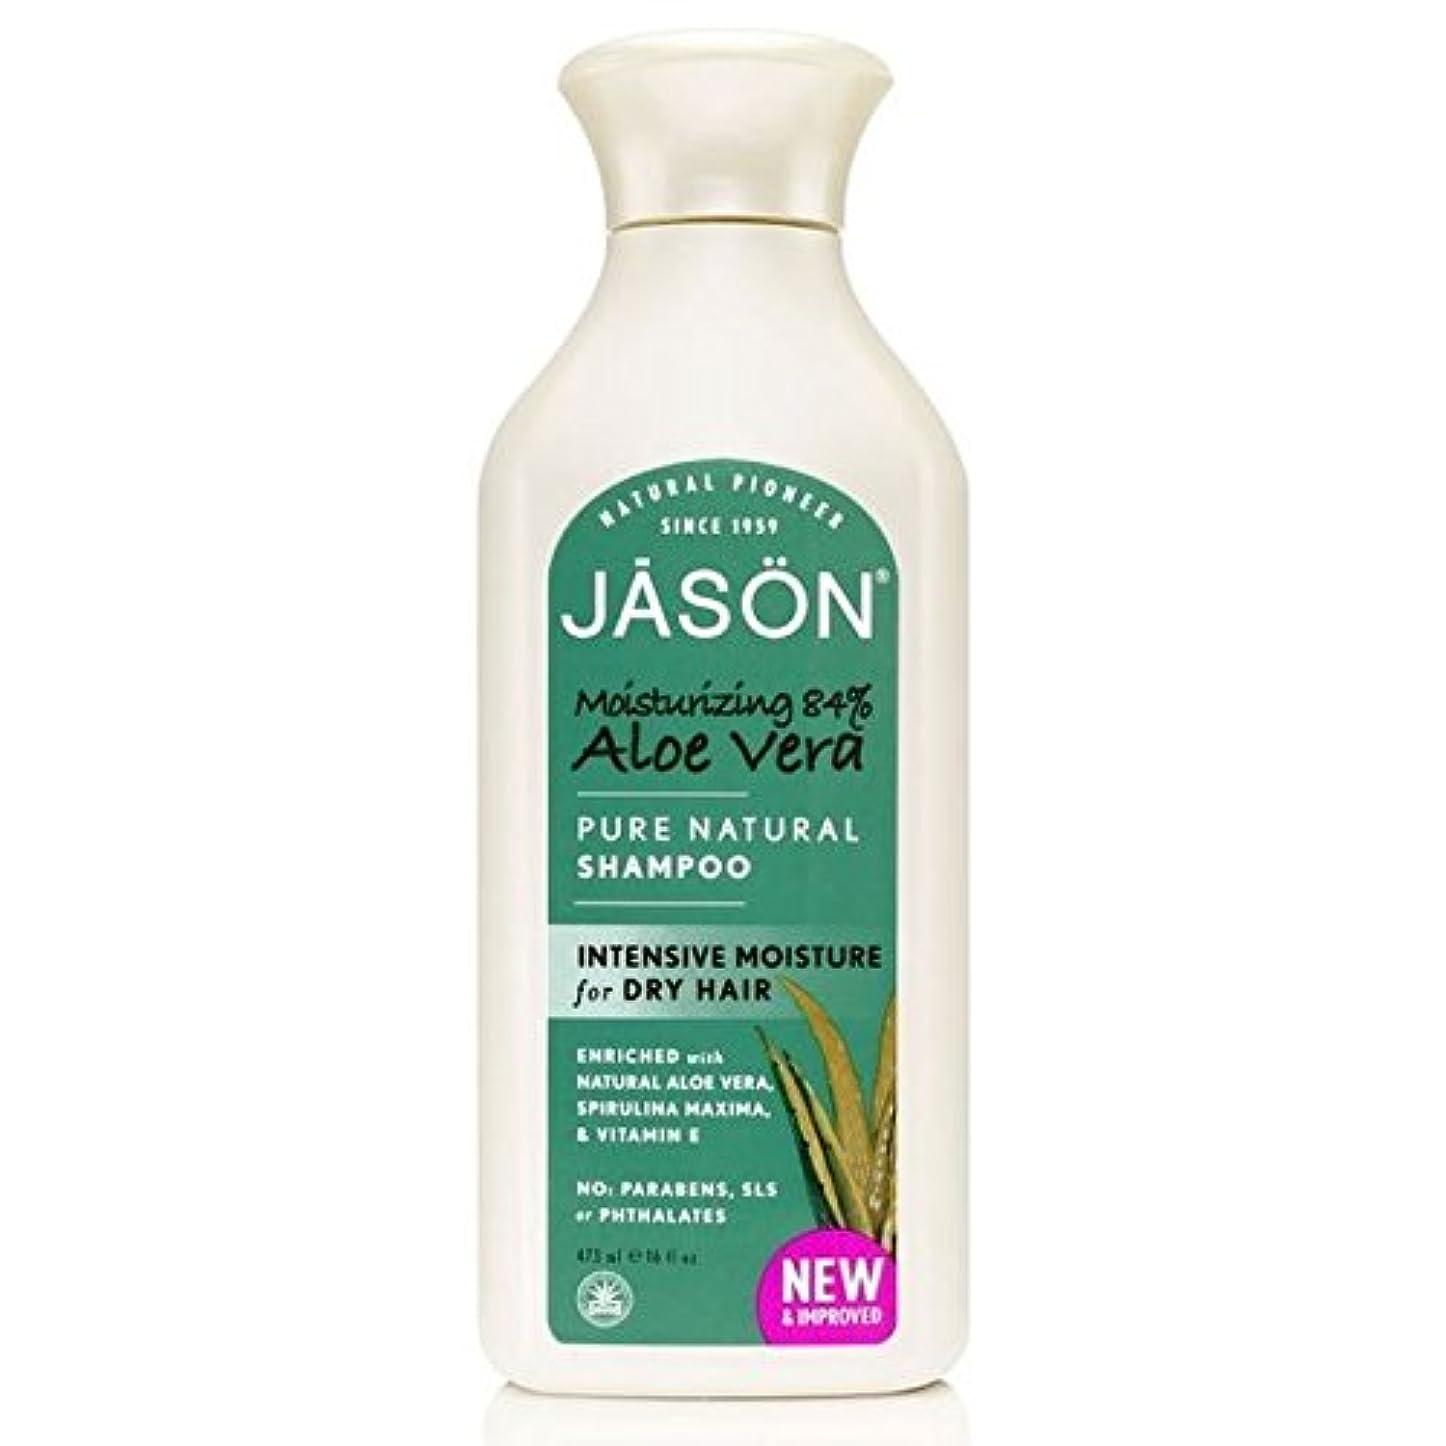 赤外線自分の力ですべてをするワックスJason Aloe Vera 84% Pure Natural Shampoo 475ml - ジェイソンのアロエベラ84%の純粋な天然シャンプー475ミリリットル [並行輸入品]